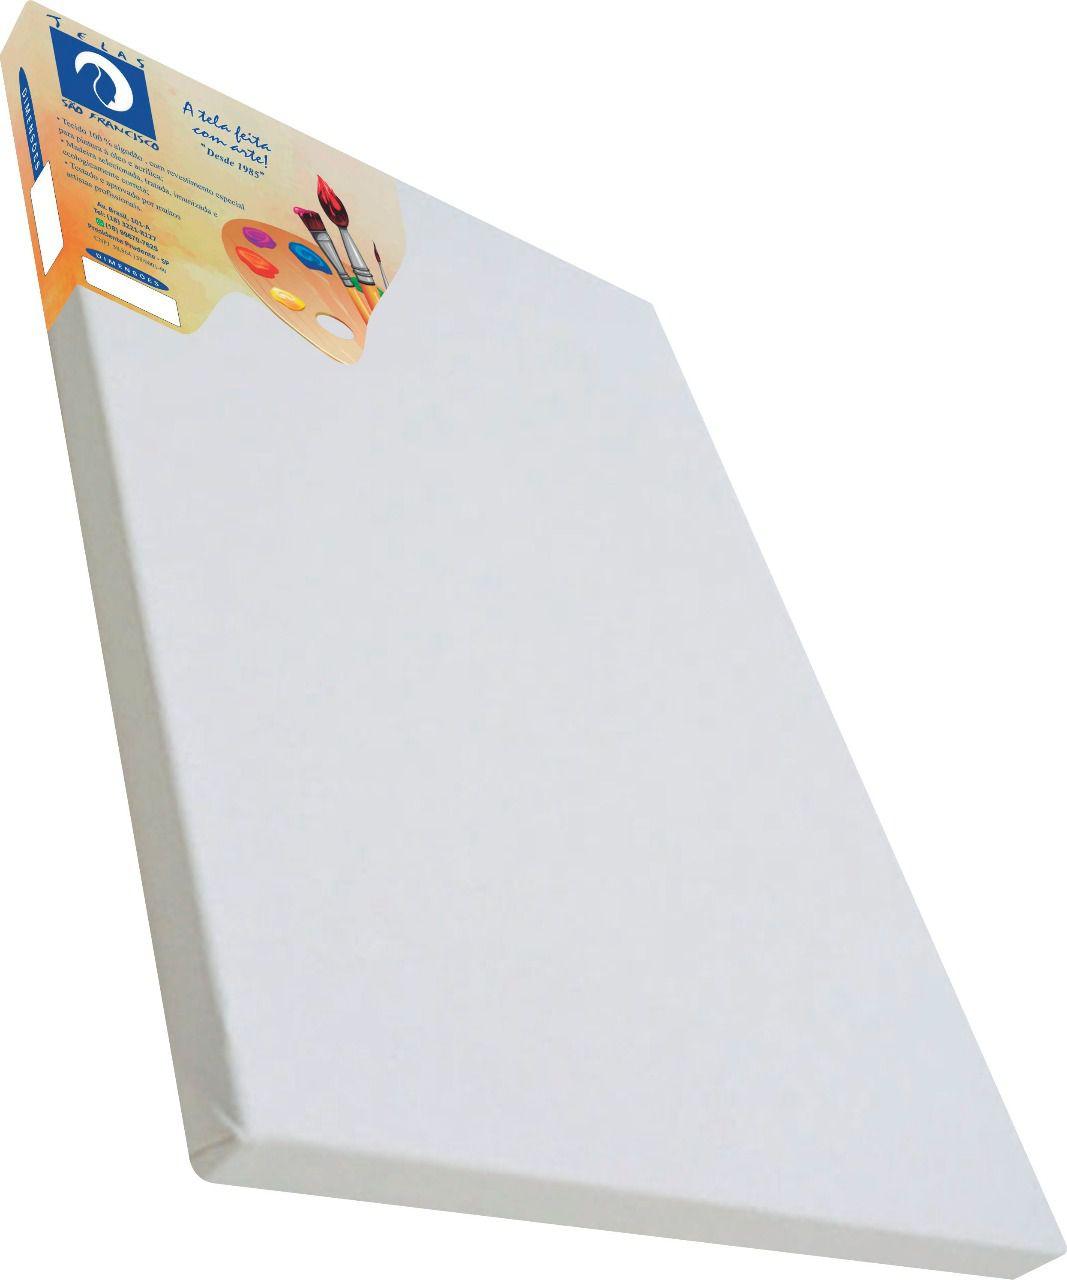 Tela comum para pintura 12x15cm - São Francisco